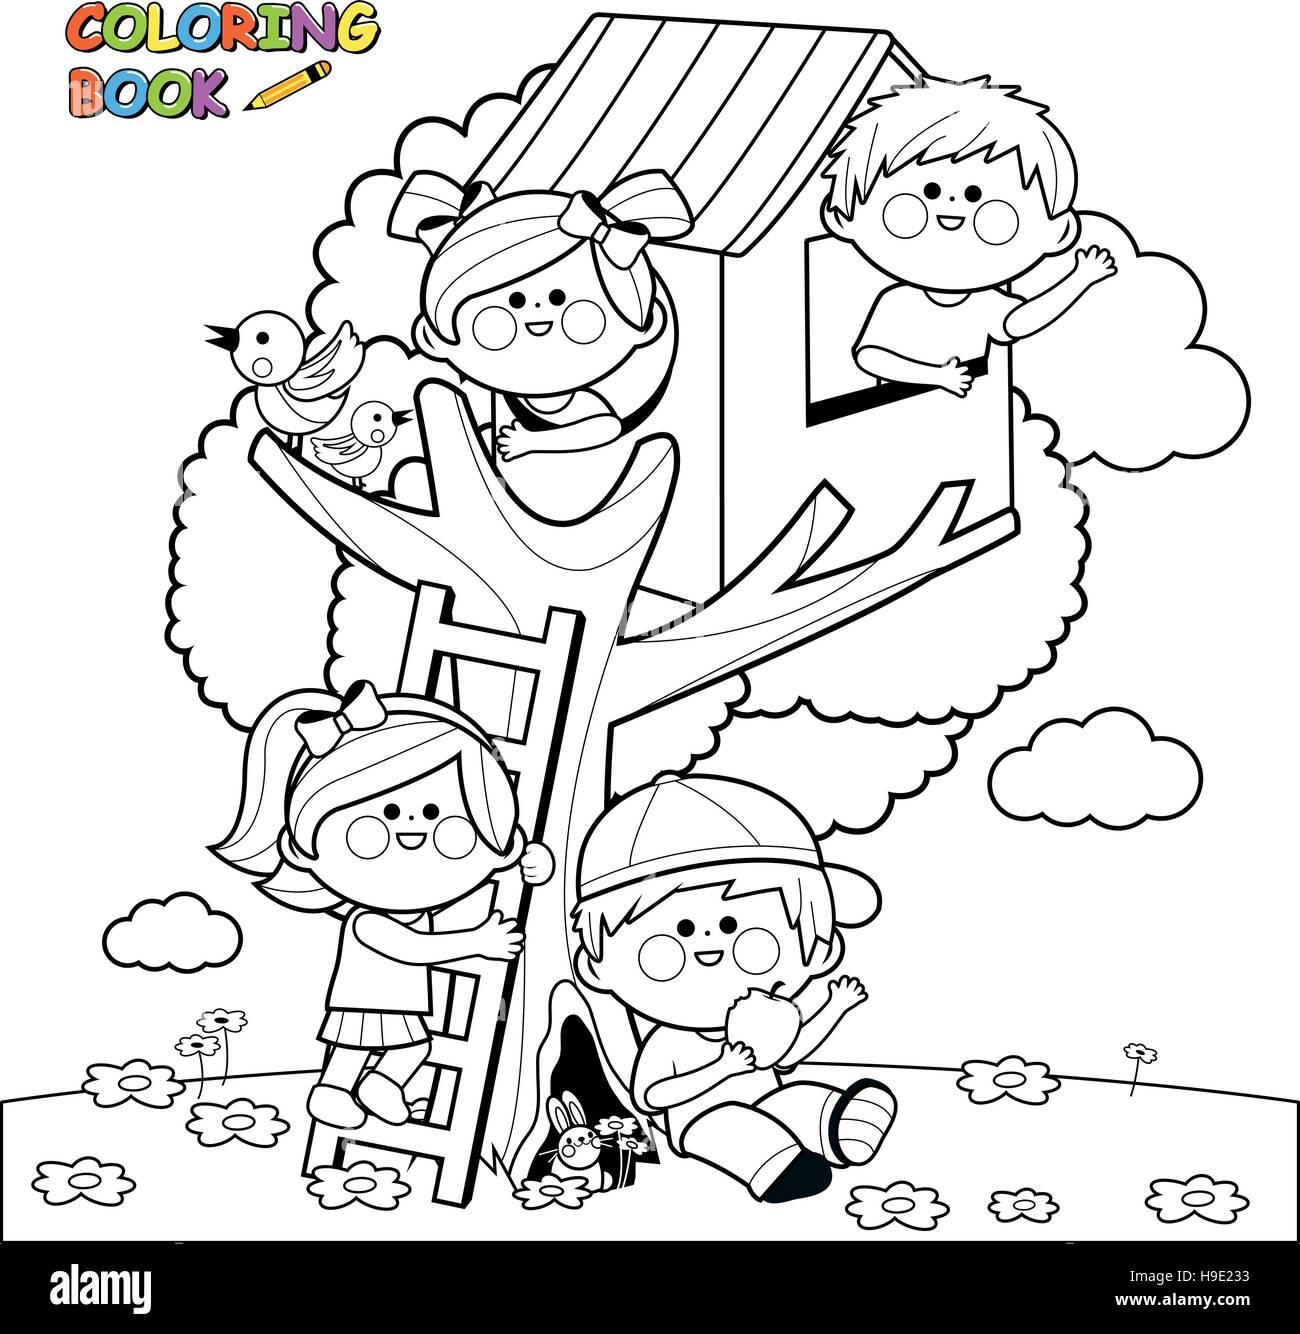 Großartig Buch Malvorlagen Für Kinder Galerie ...